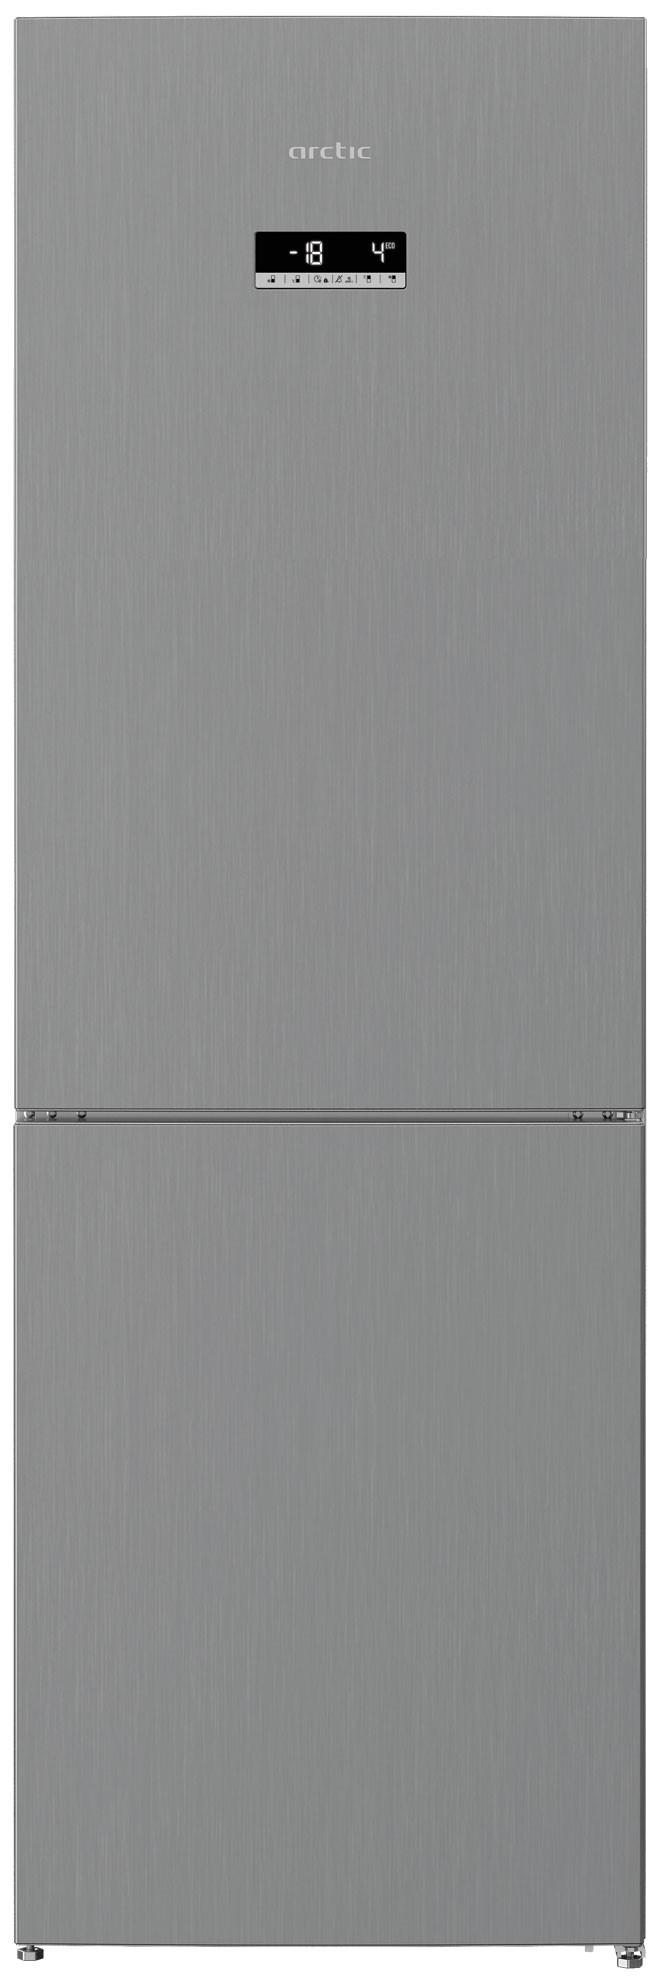 Combina frigorifica, Arctic, AK60366E40NFMT, 348 l, Clasa A++, H 185,2  cm, Metal Look